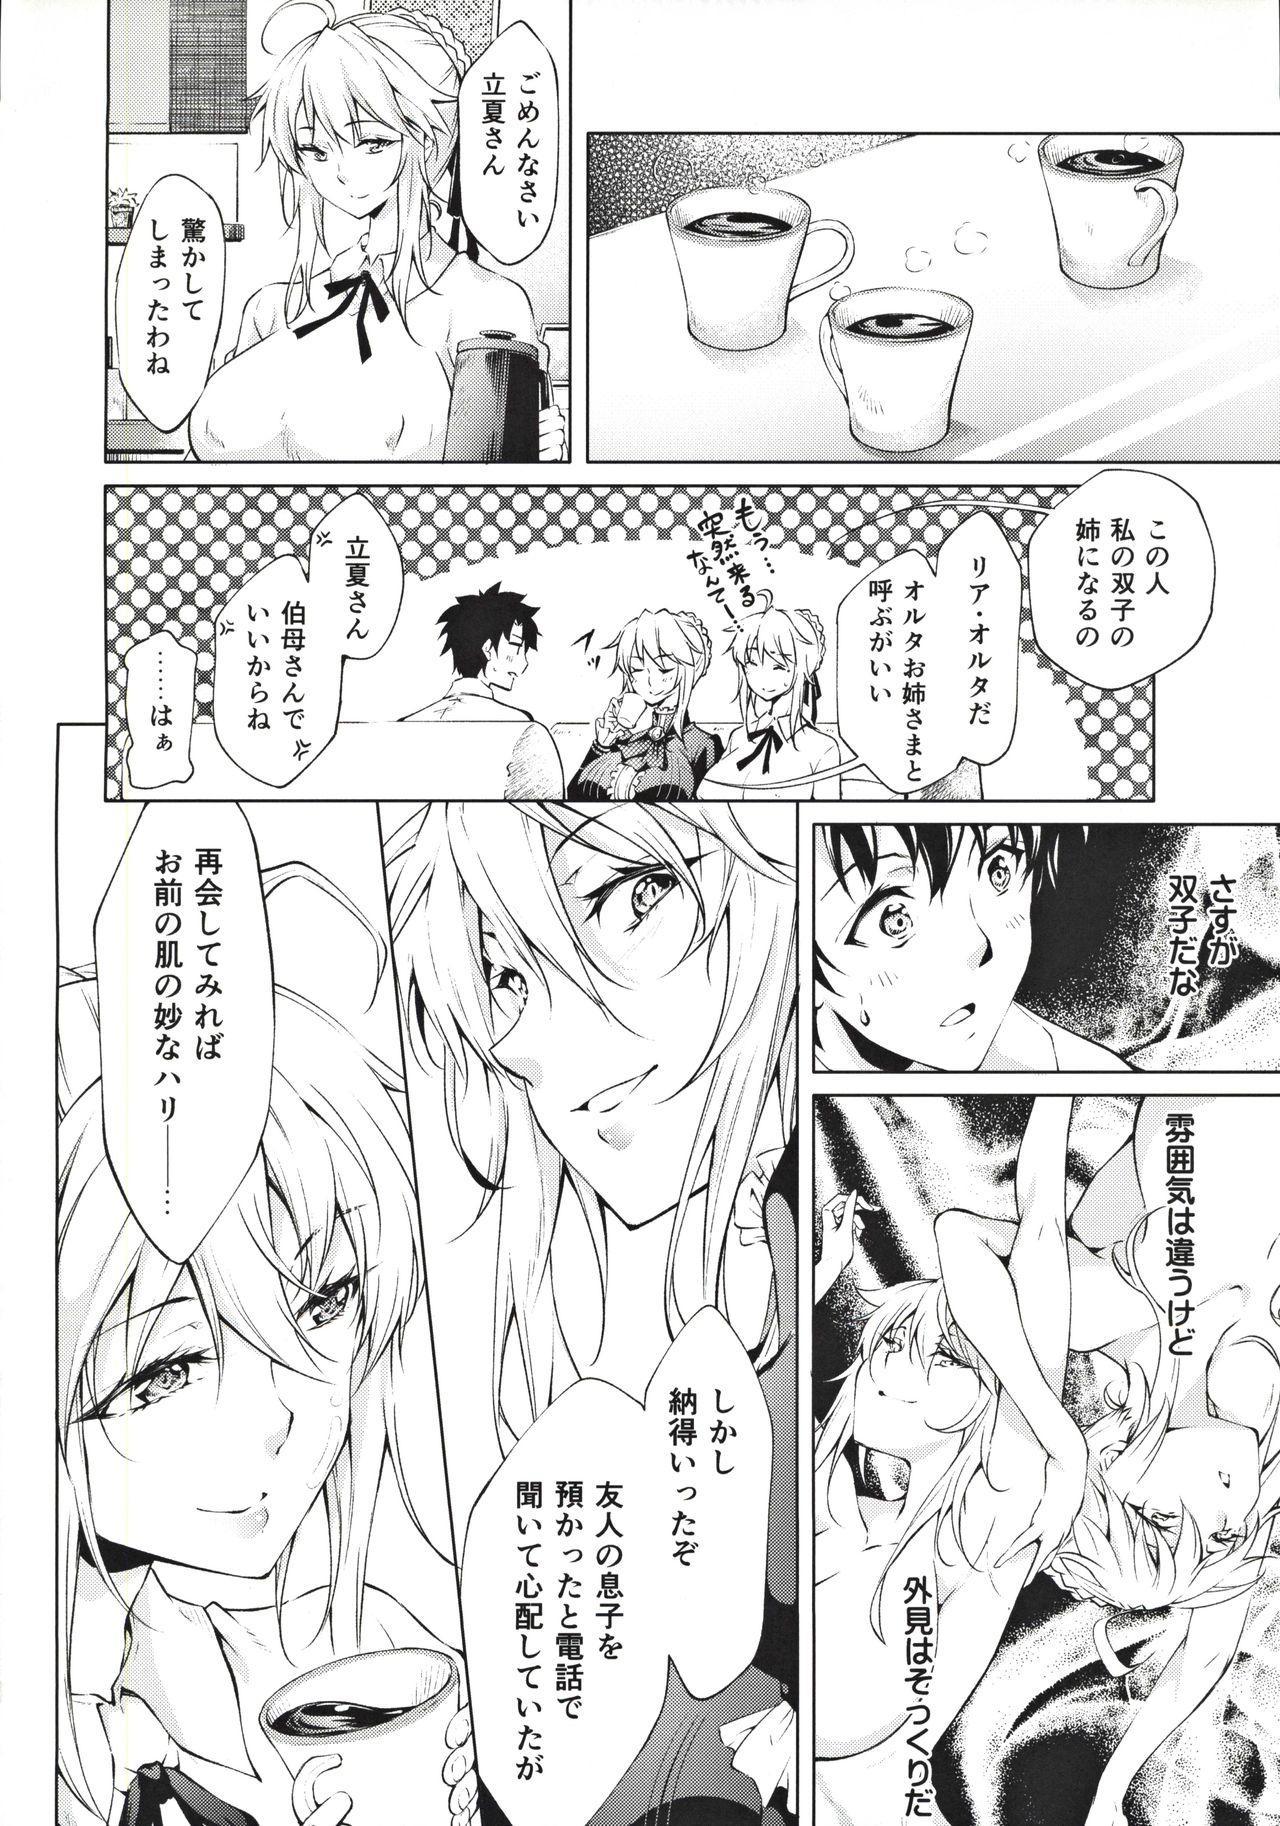 Pendra Shimai no Seijijou 4